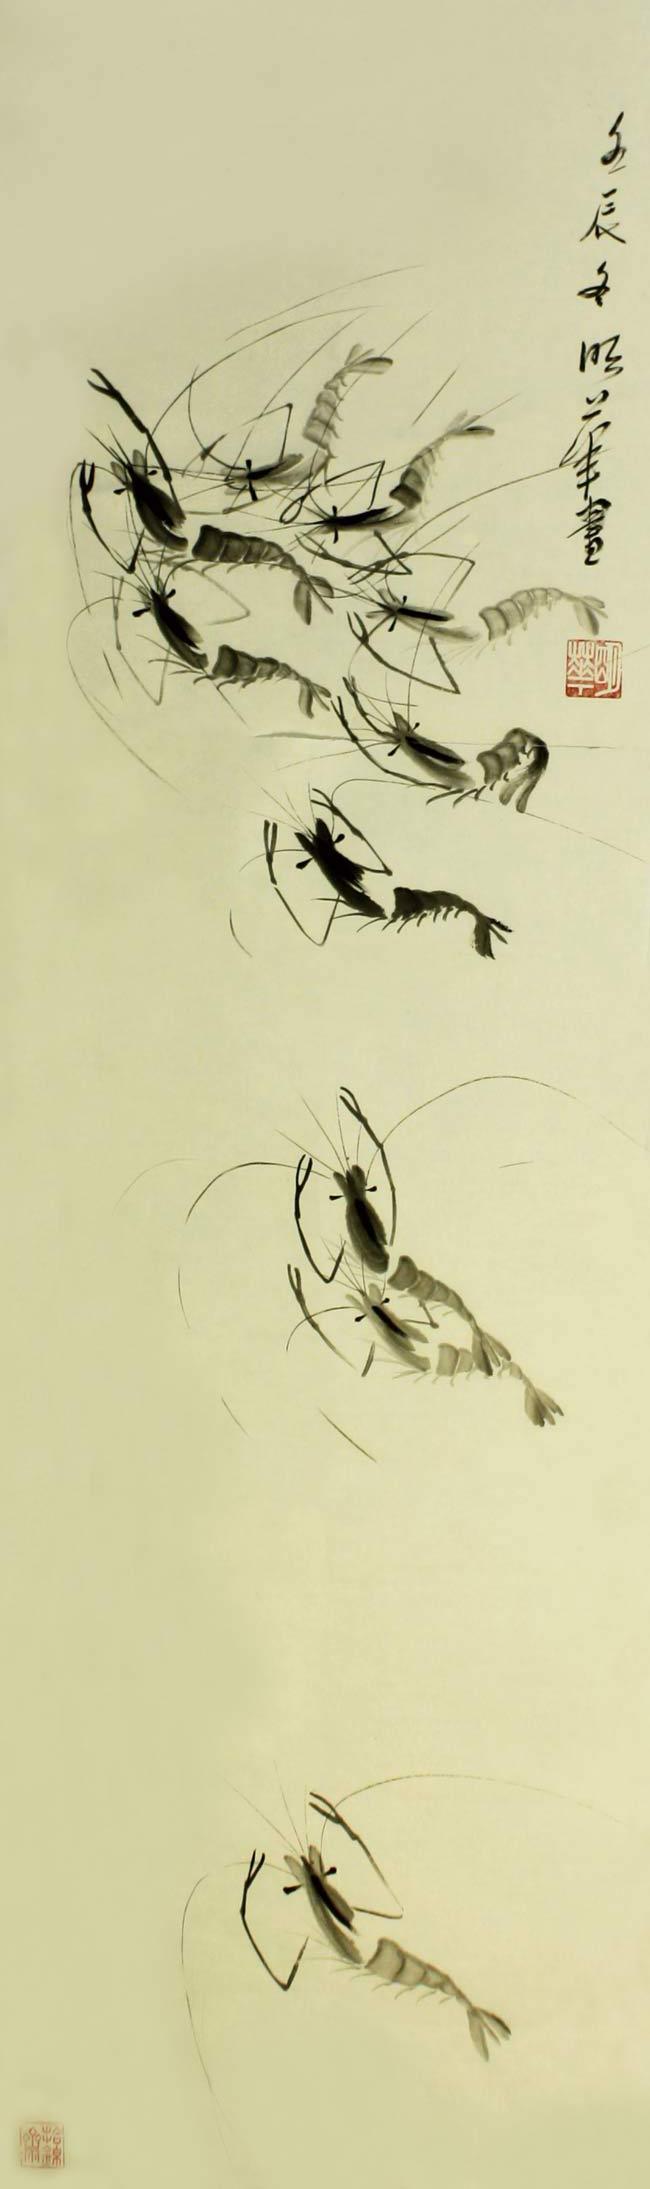 2013迎新春书画作品展图片